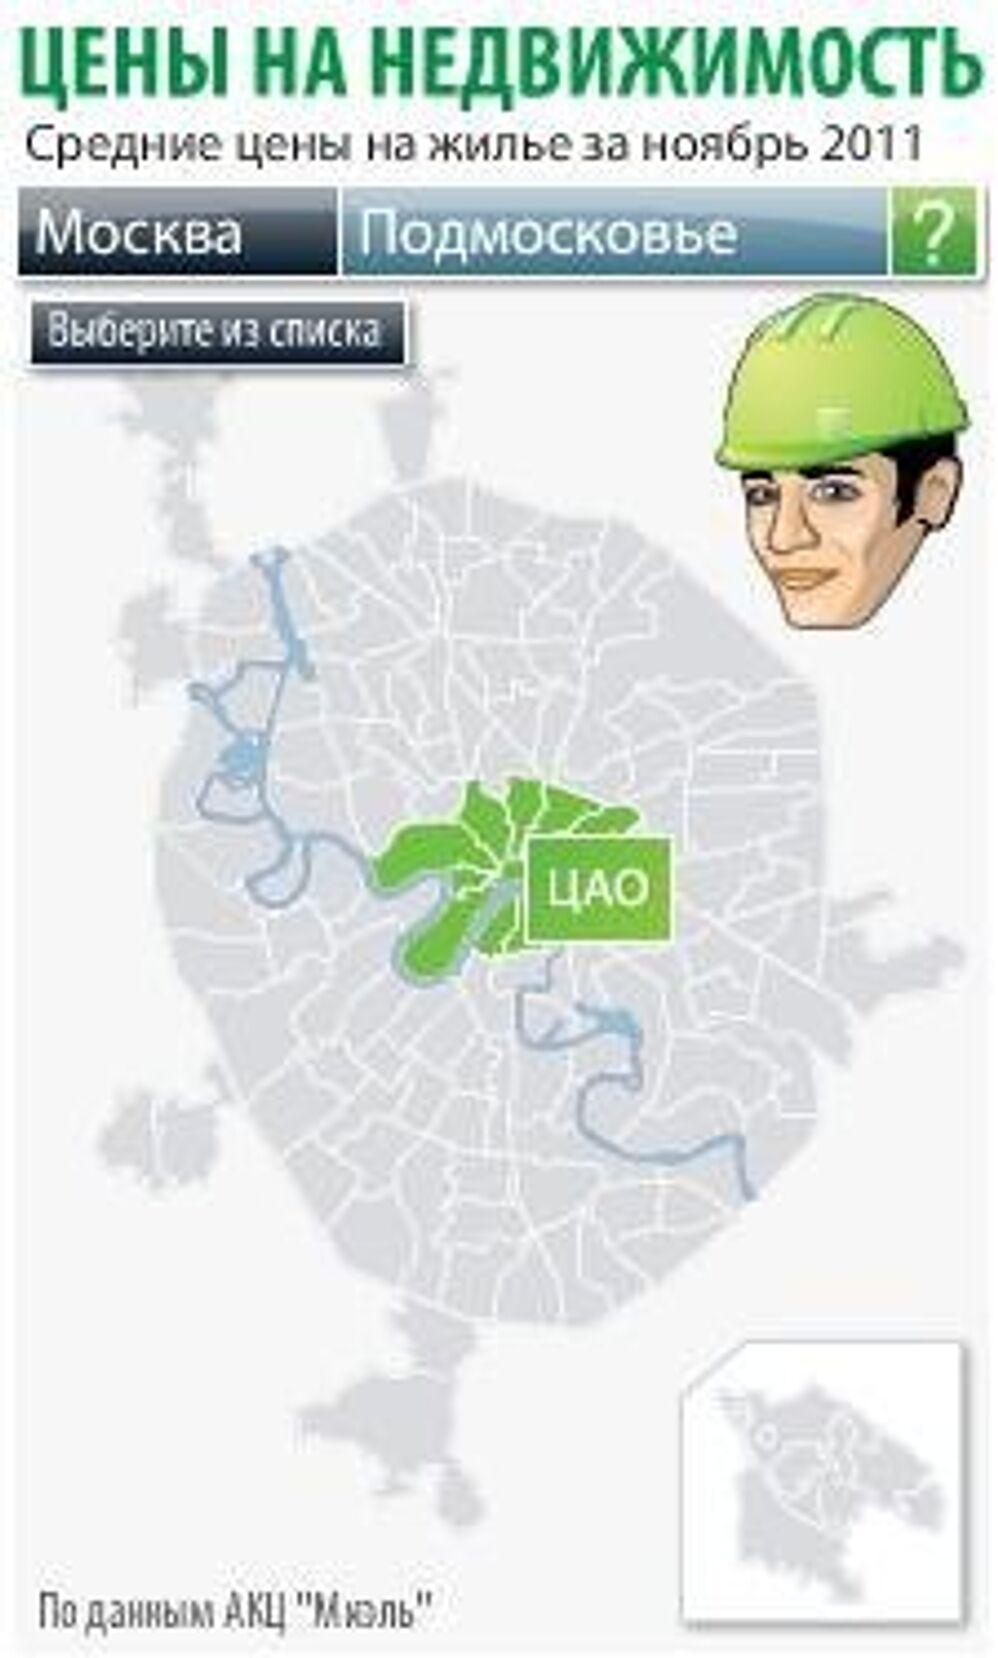 Цена на жилье в Москве и Подмосковье